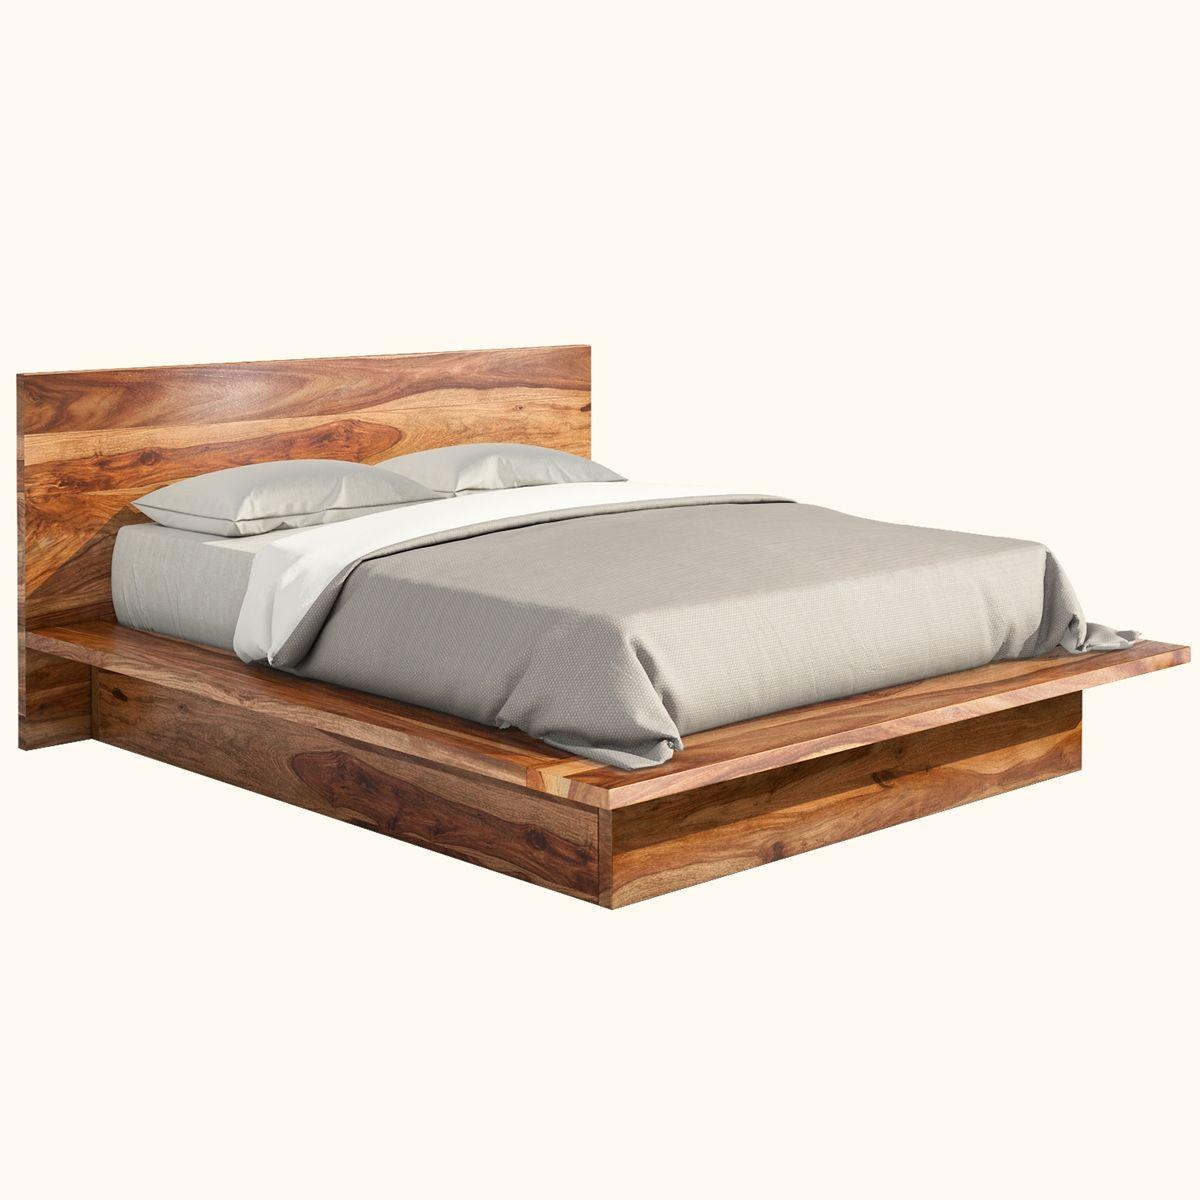 Productimage With Images Wood Platform Bed Wood Platform Bed